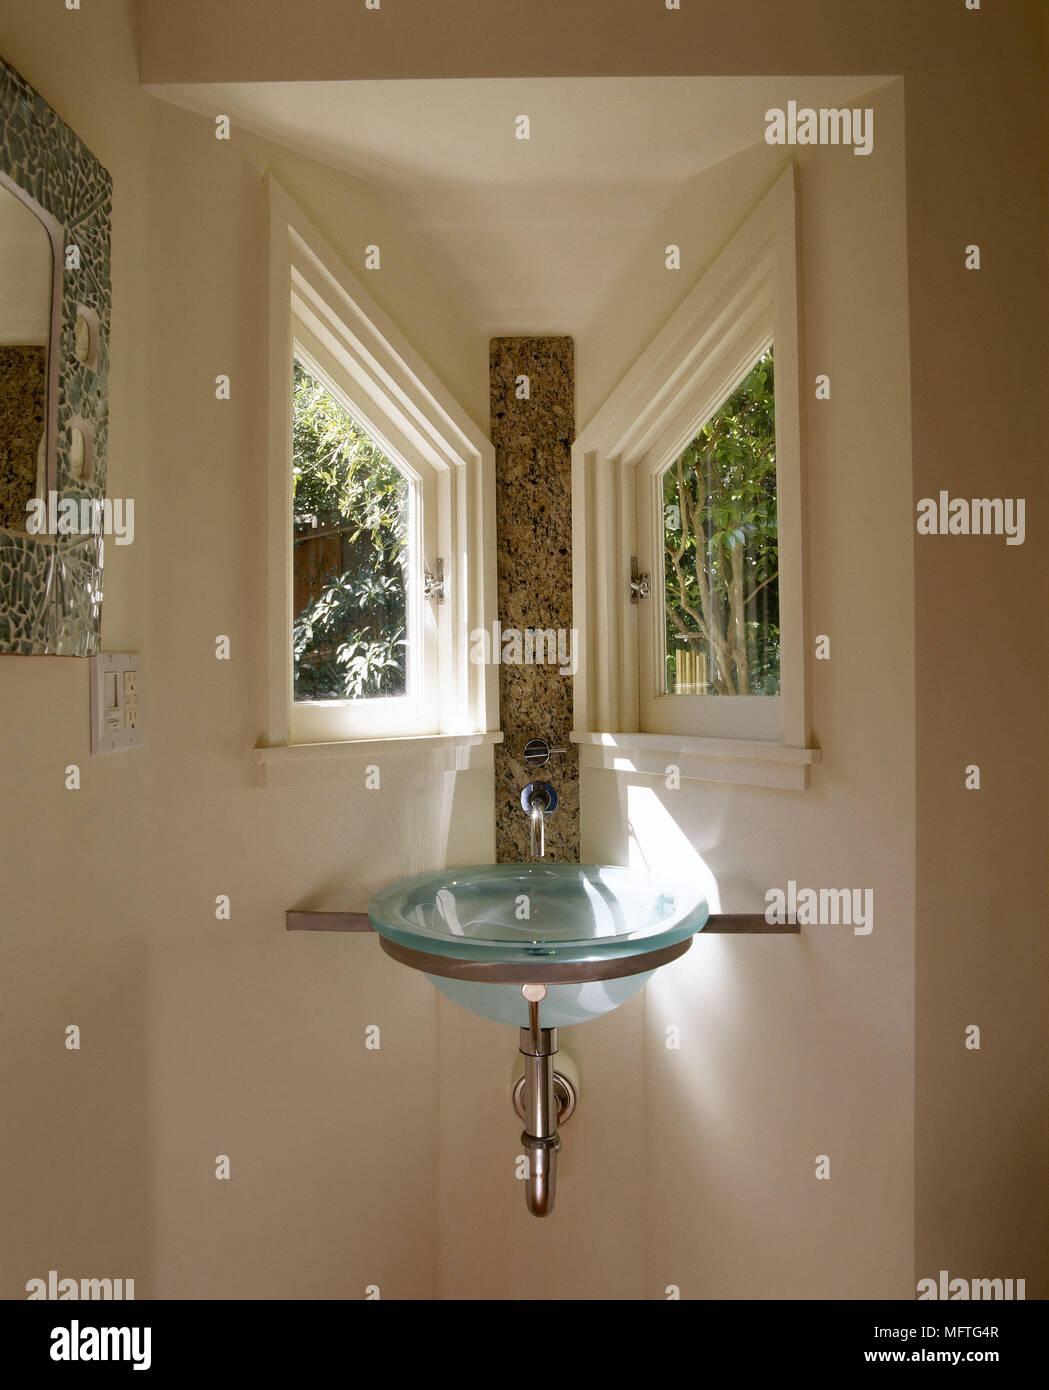 Modernes Badezimmer Detail Glas Waschbecken In Der Ecke Set Gewinkelt  Windows Einrichtung Badezimmer Waschbecken Spart Platz